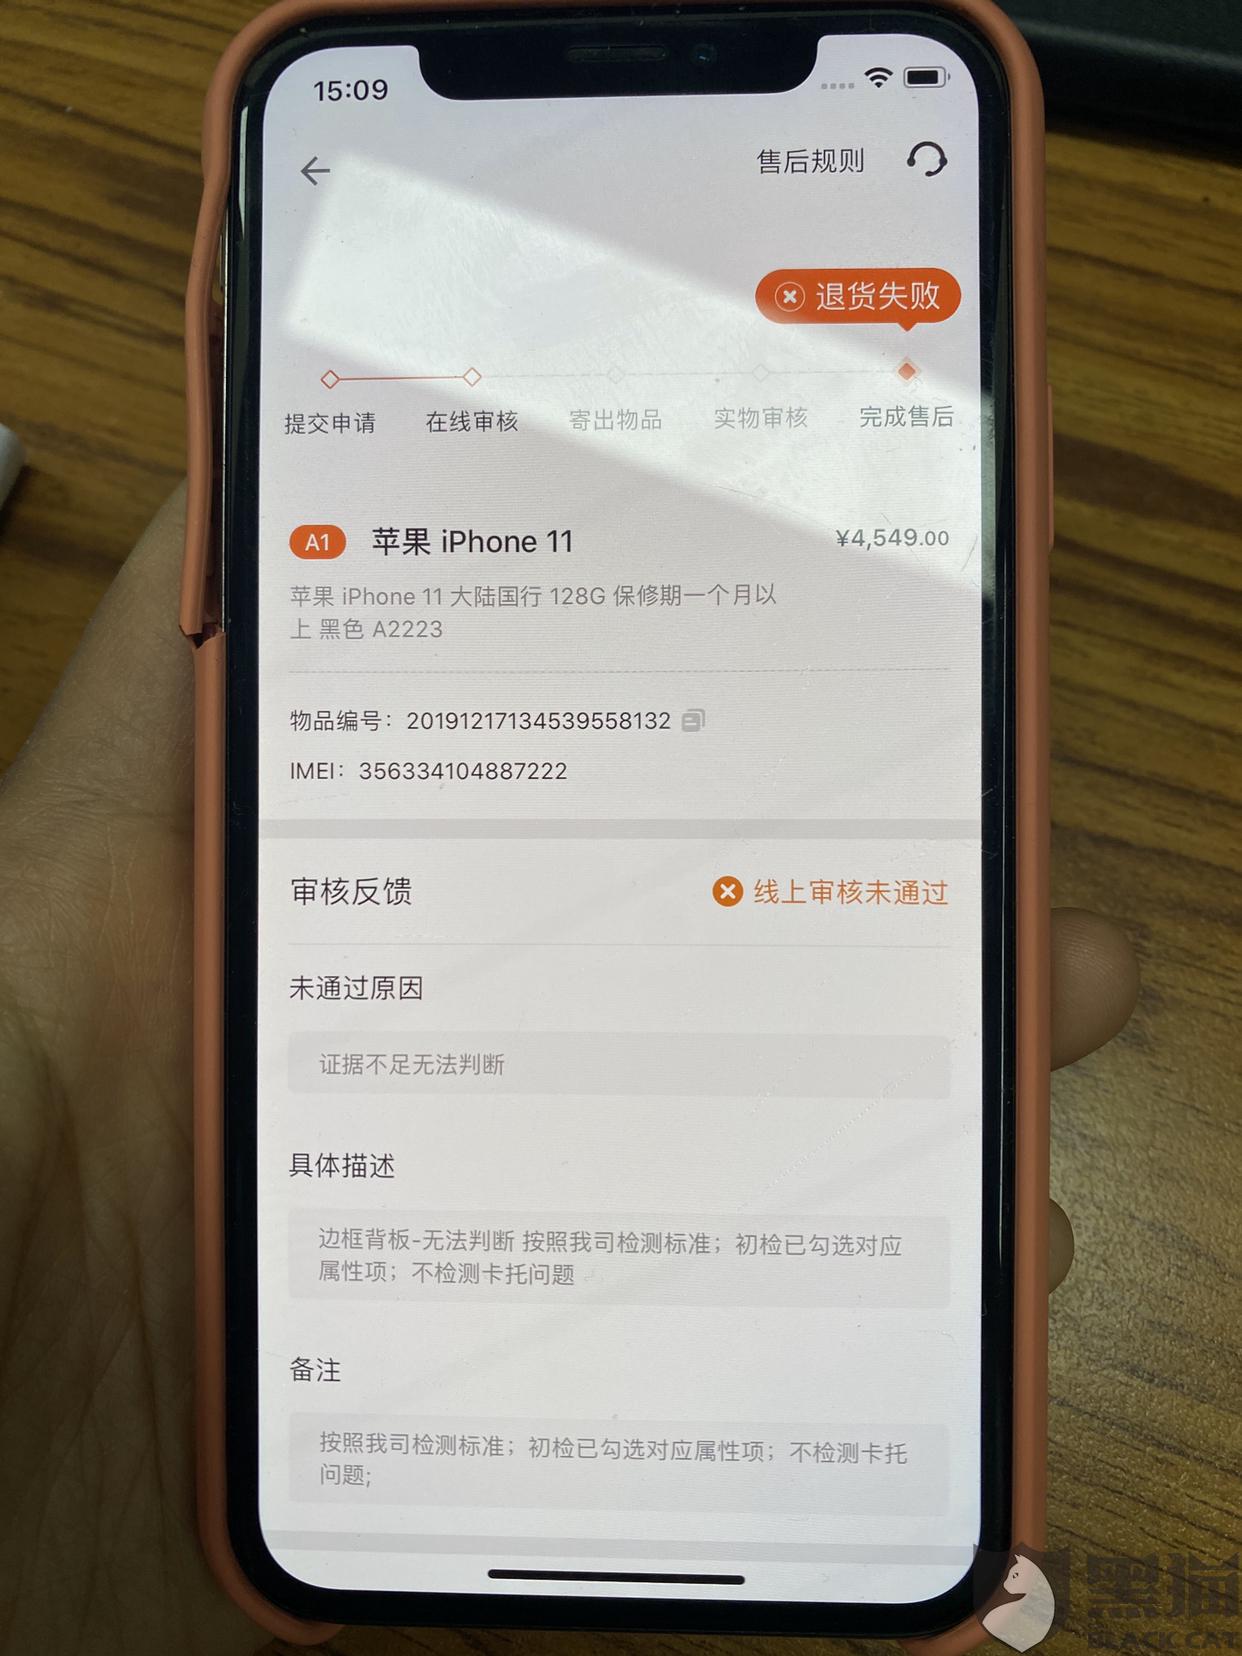 黑猫投诉:上海悦亿网络信息技术有限公司欺诈消费者